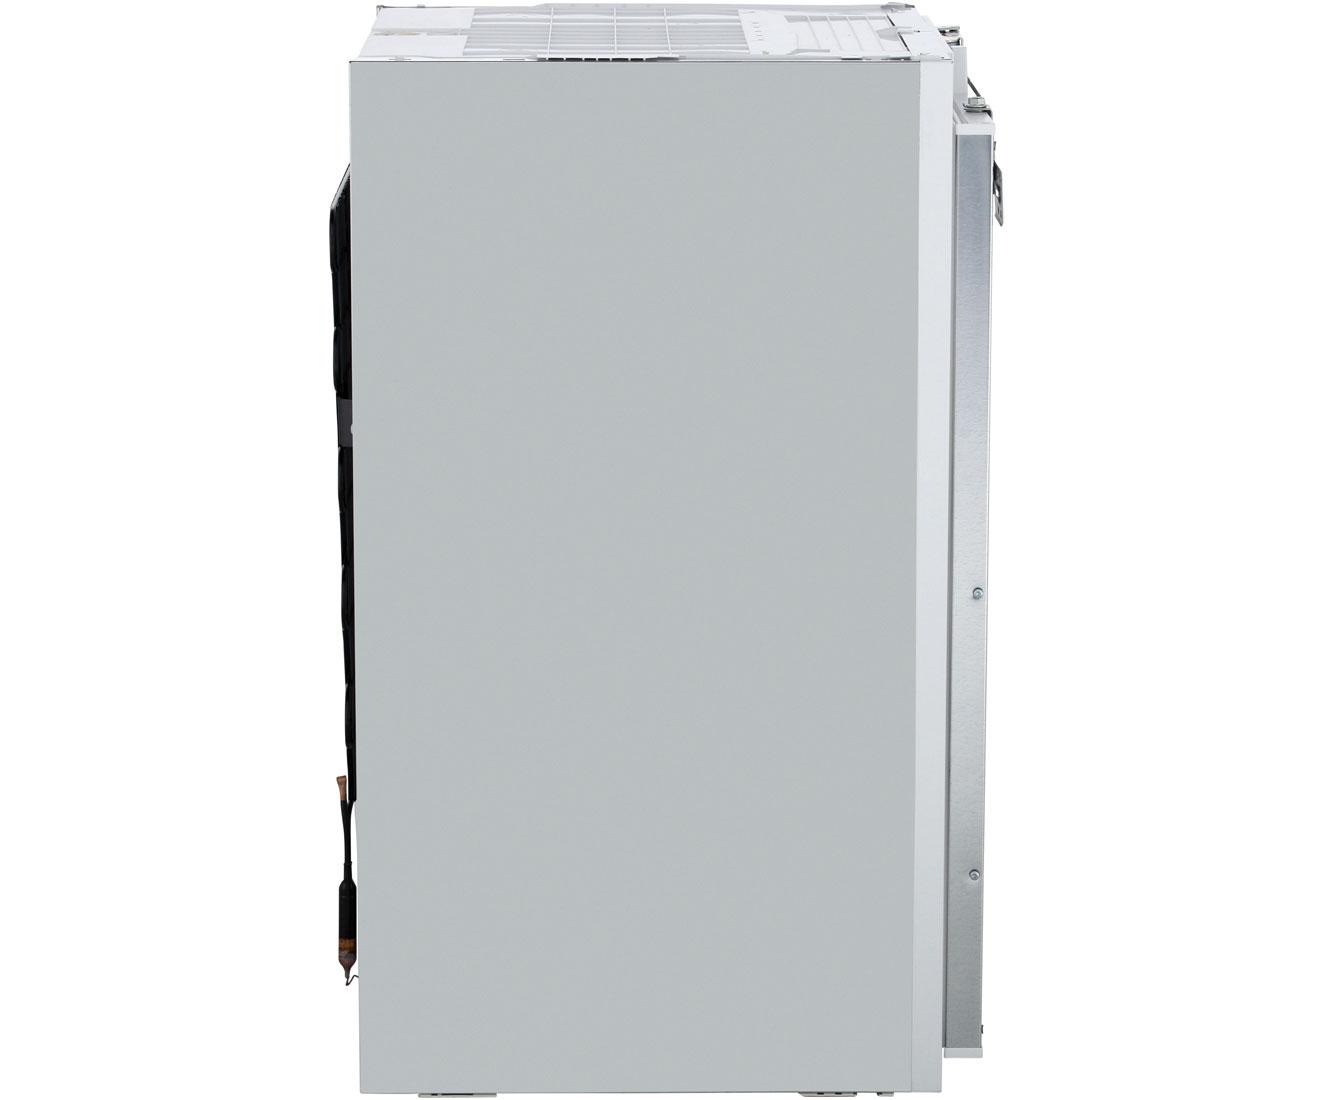 Retro Kühlschrank Siemens : Siemens iq300 ki21rvf30 einbau kühlschrank 88er nische festtür